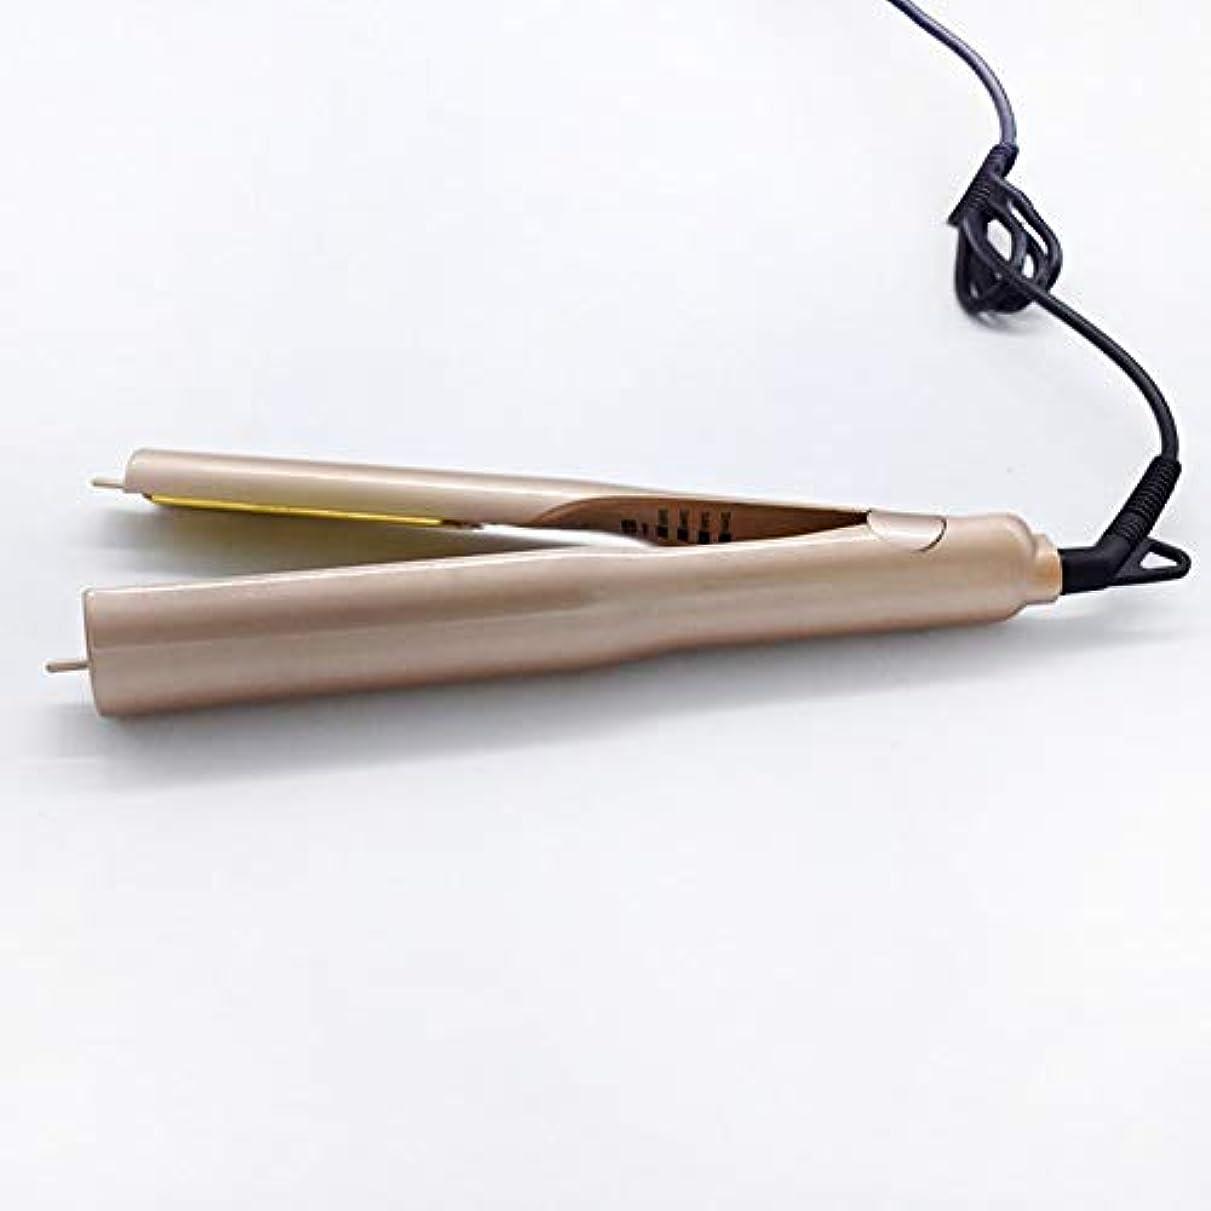 マークされた出費ナプキンロールストレートデュアルユースウェットアンドドライデュアルユーススピードホットヘアストレートナーテール回転可能なセラミックヒーターチューブは、あらゆる種類のヘアゴールドギフトバッグに適した髪を傷つけることなく持ち運びが簡単